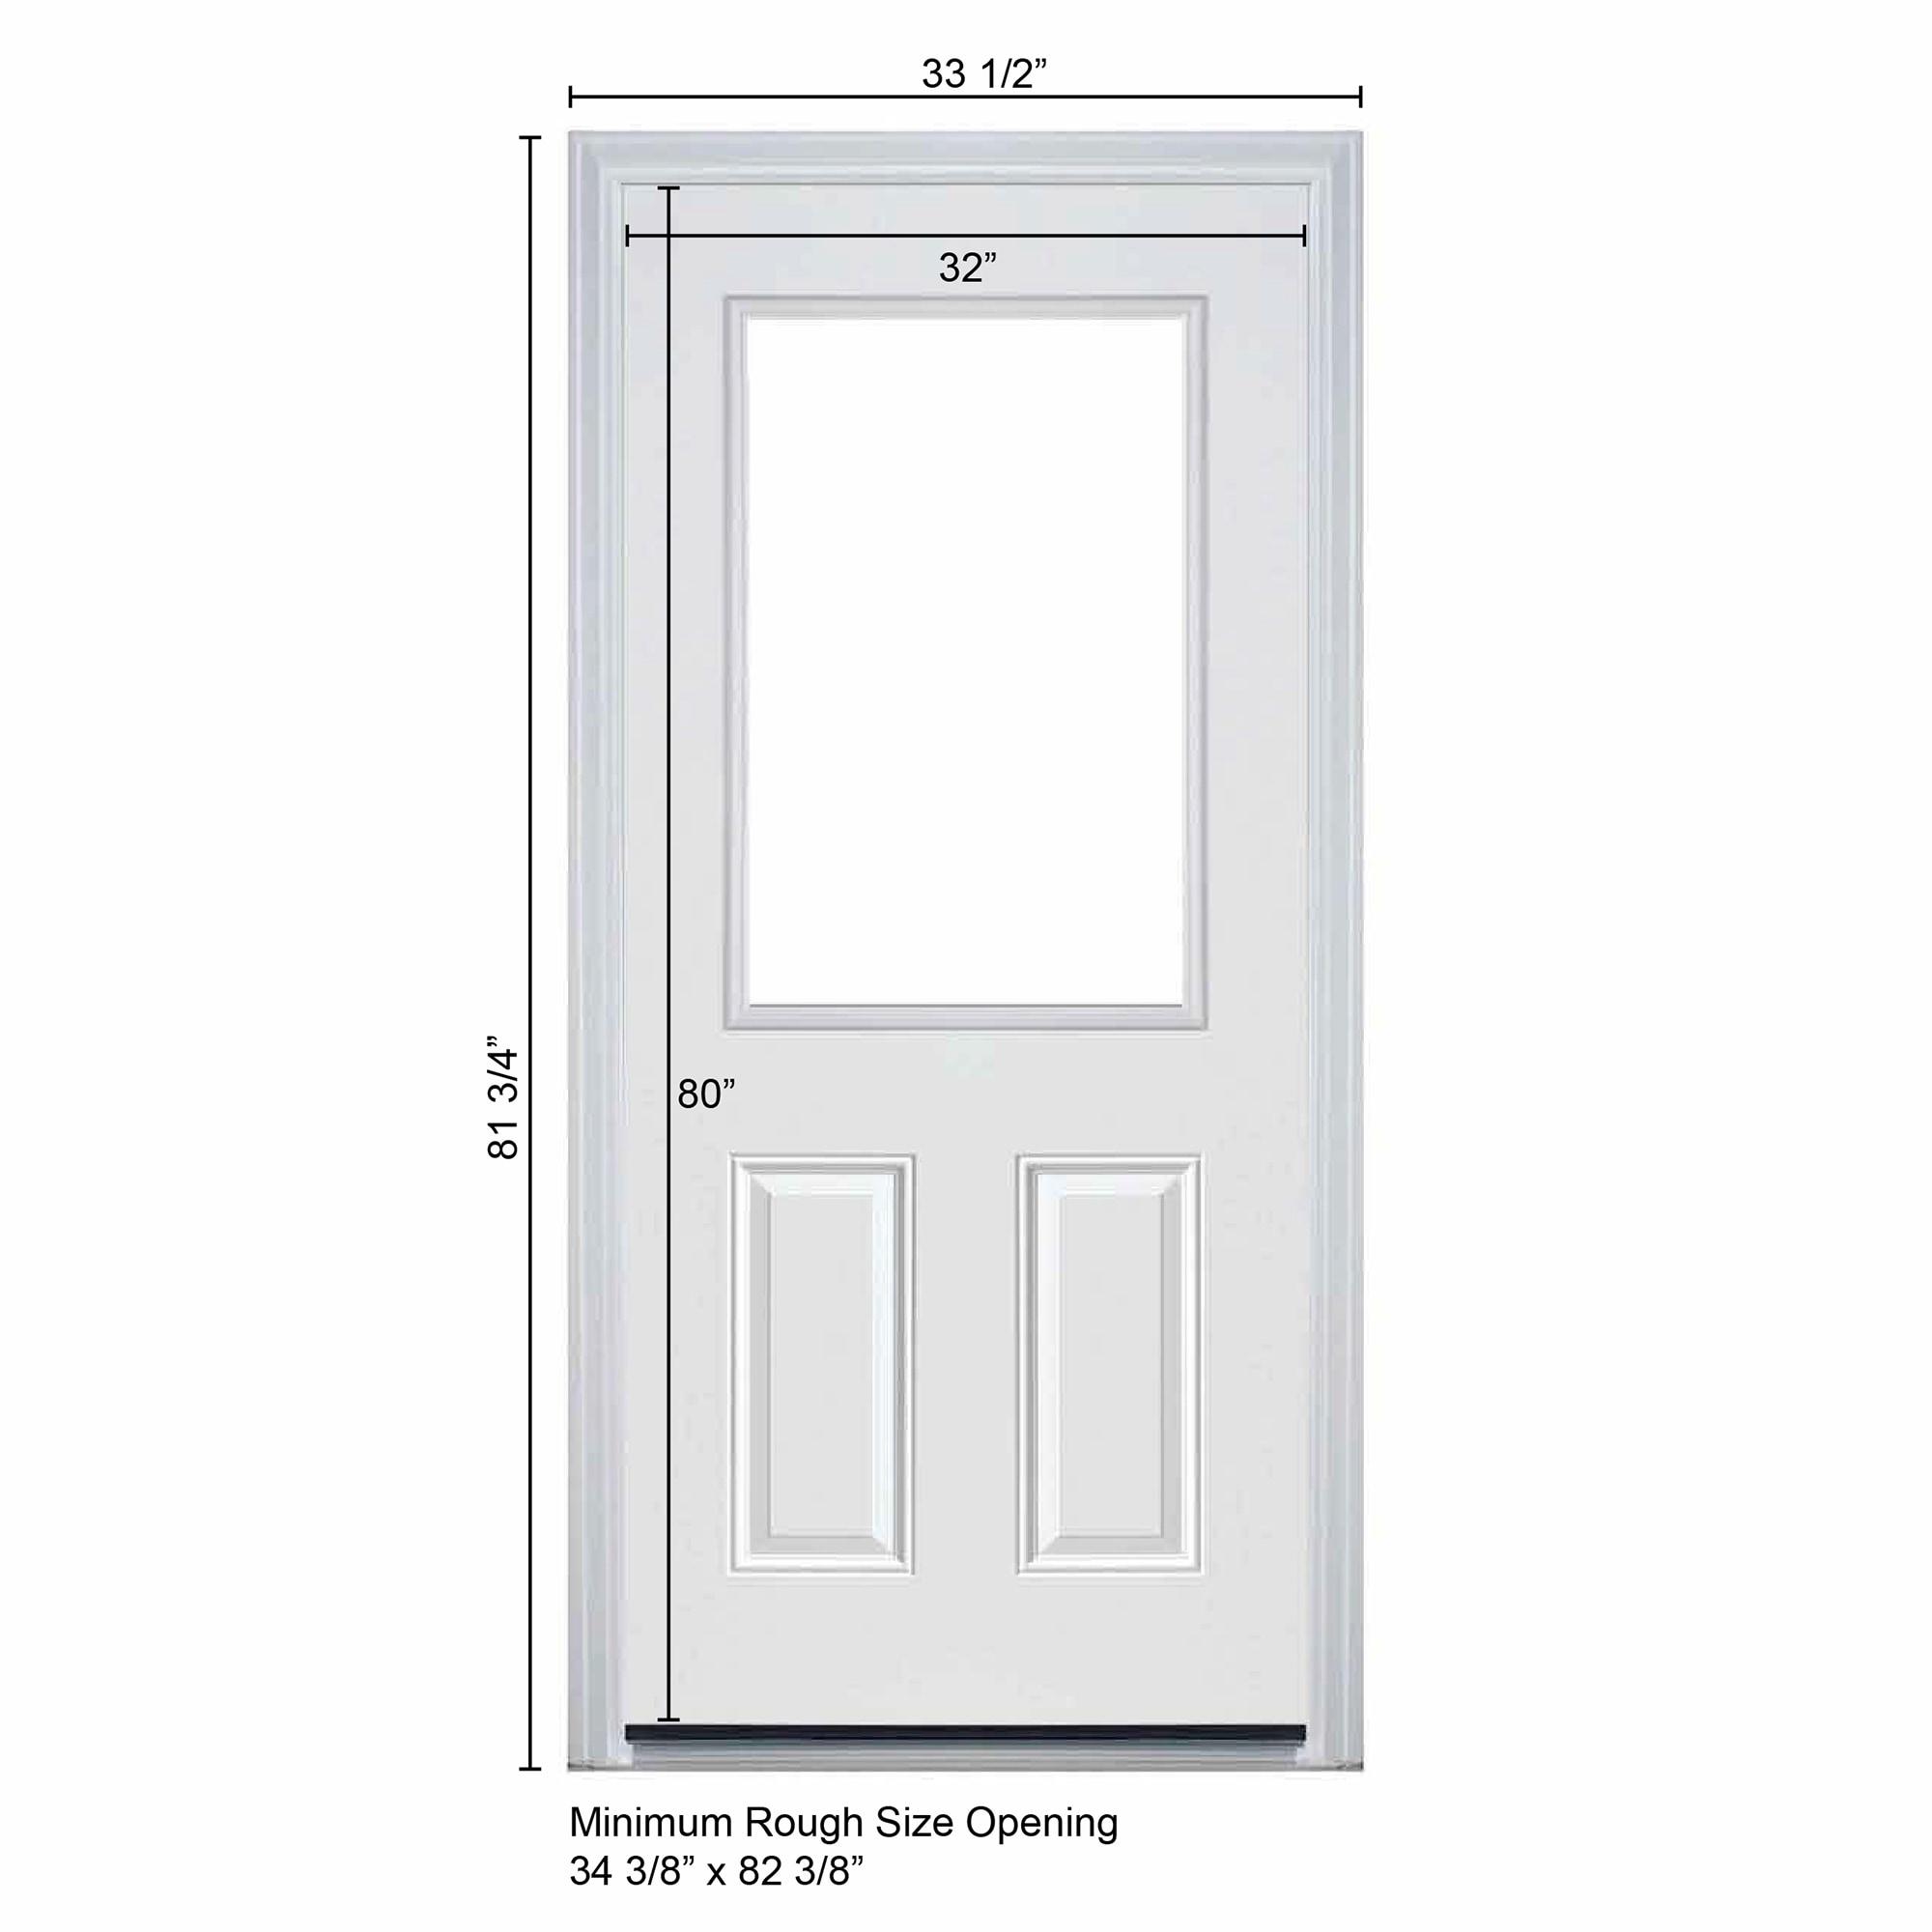 32 Inch Exterior Door. 20004971206747762000 Door 32 Measurement  202128 Inch Entry 20002000 pic with 2000x2000 px btca info Examples Doors Designs Ideas